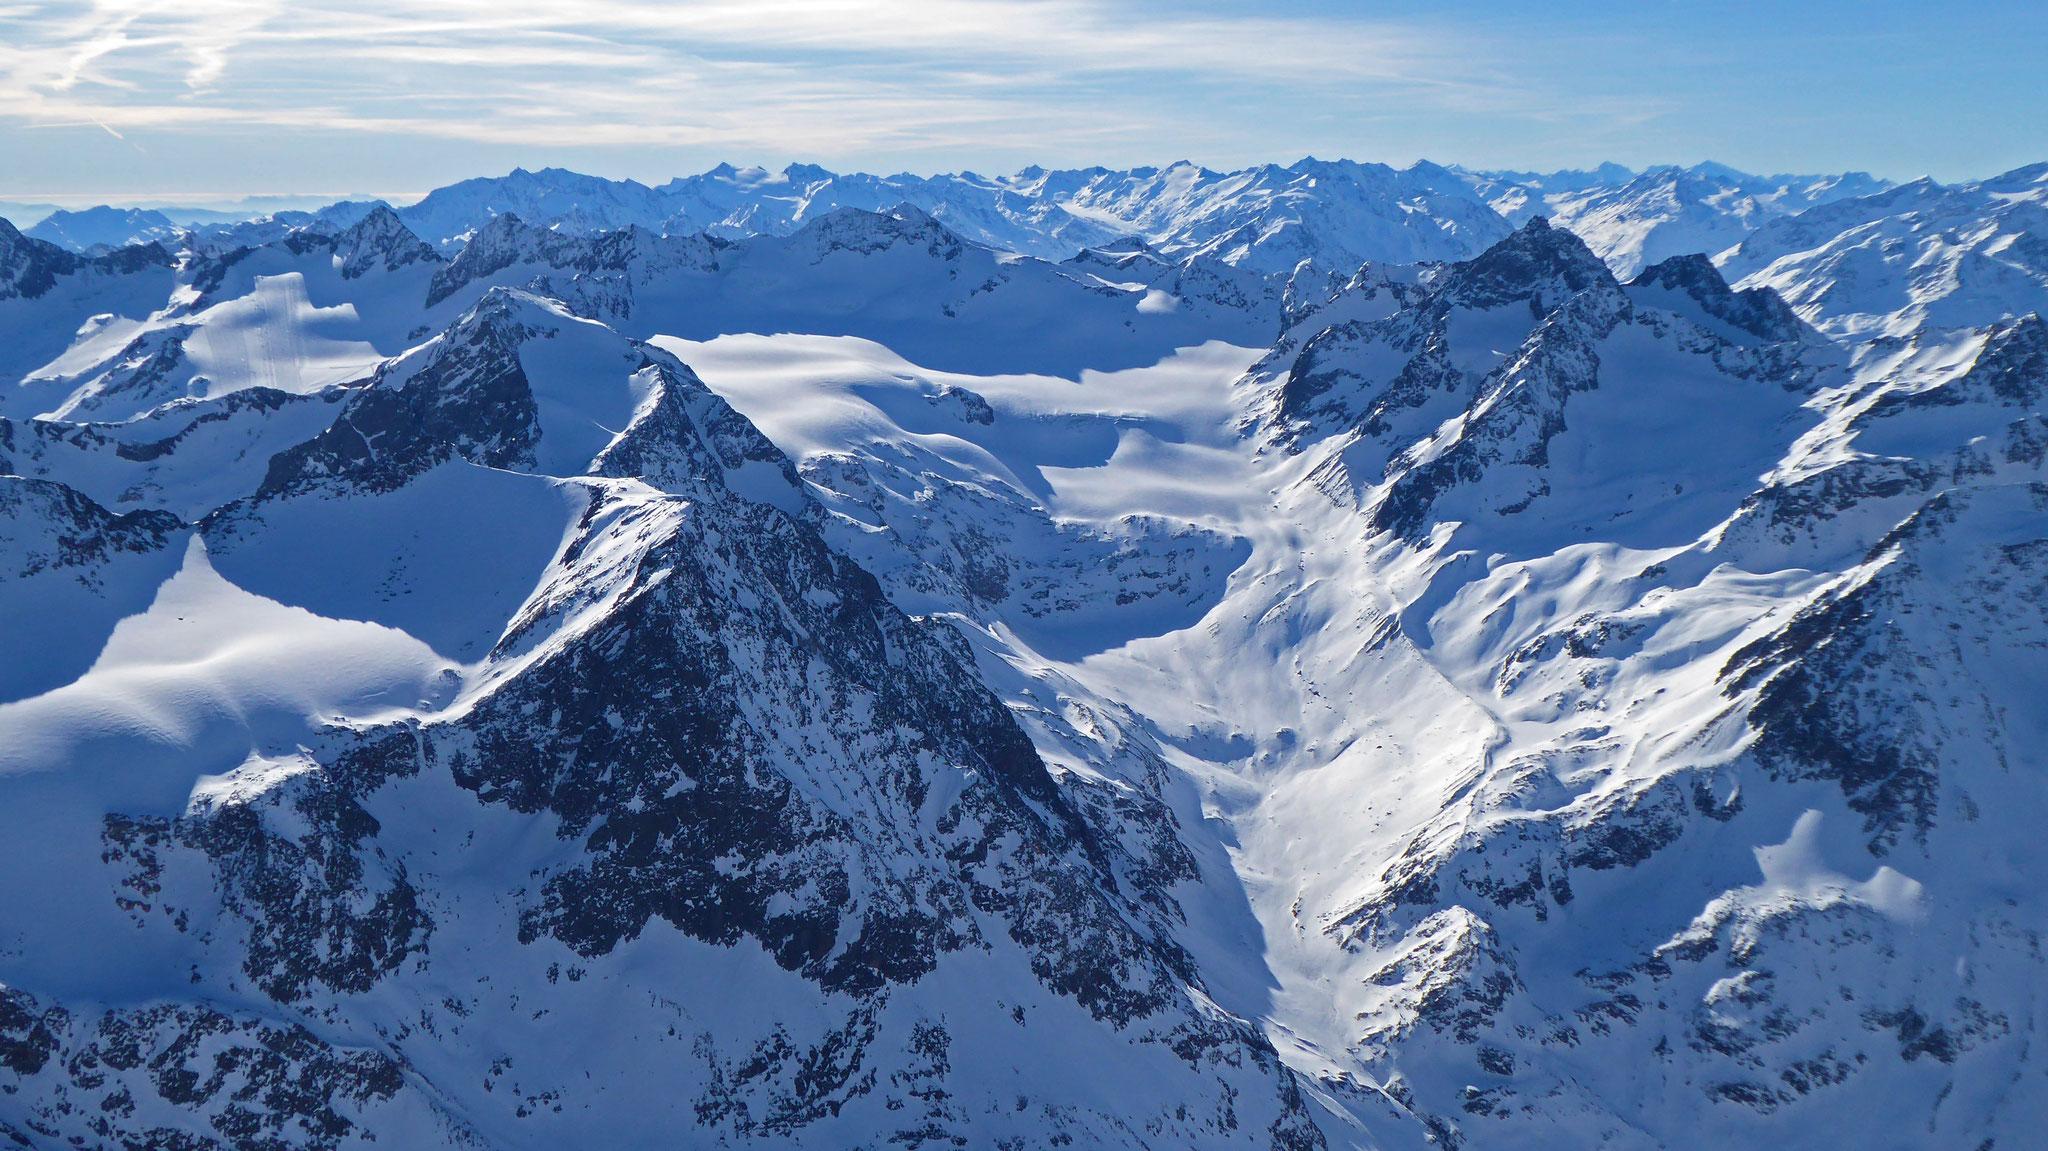 Nach Süden: Sulztalferner, Alpenhauptkamm, rechts die südlichen Ötztaler